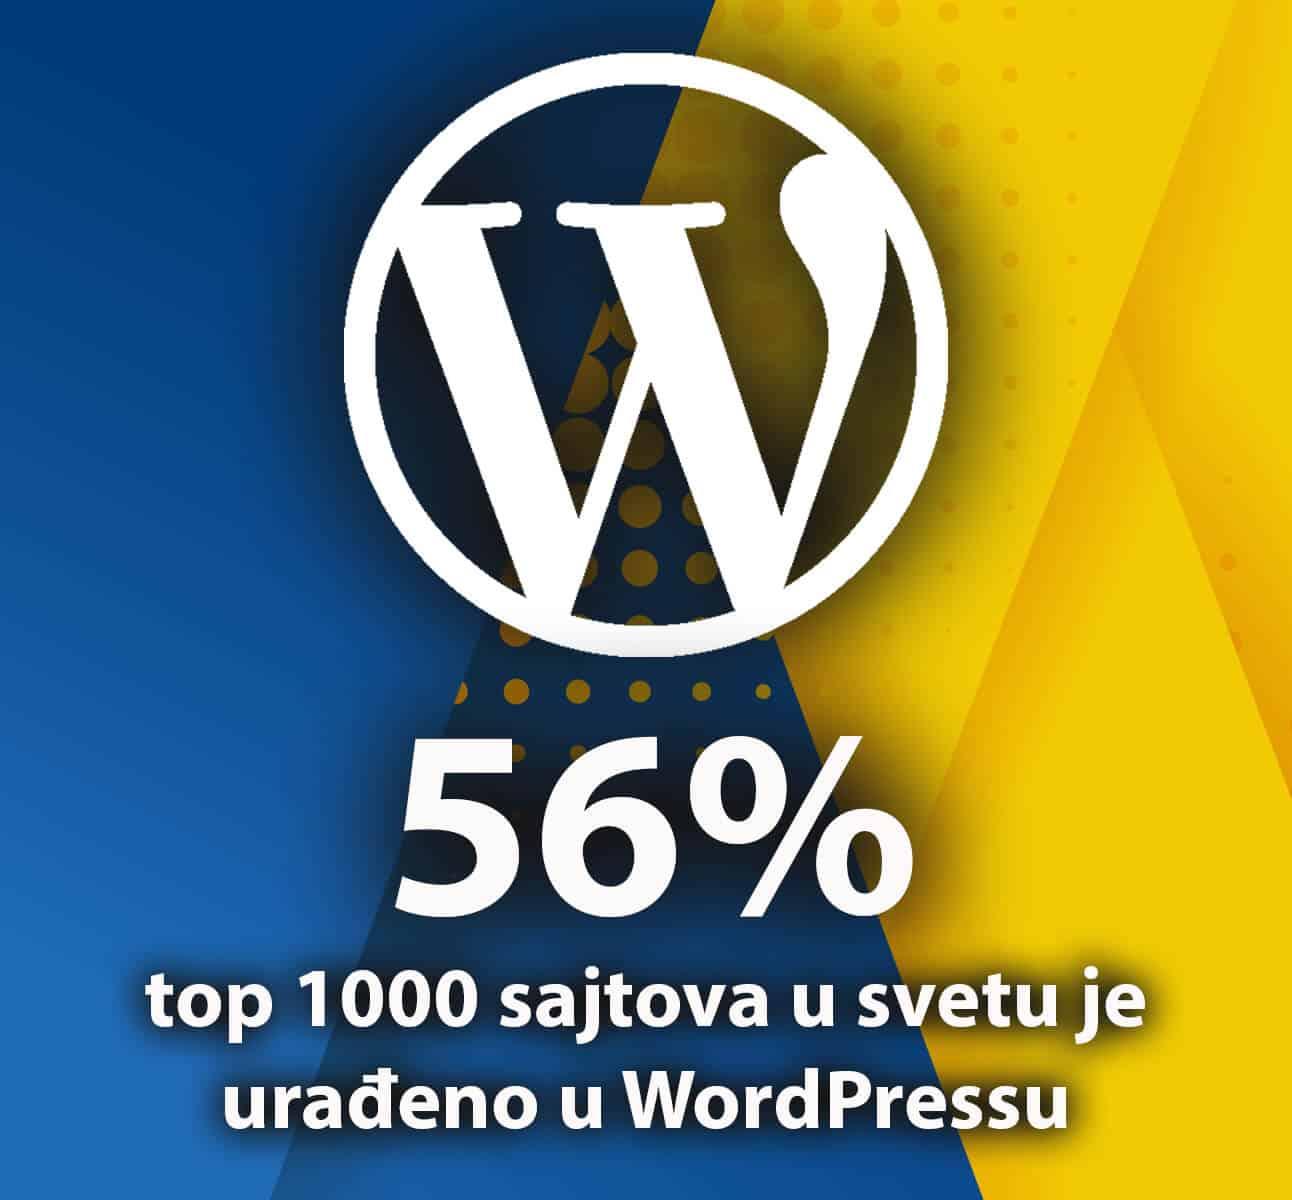 izrada sajta u wordpressu top 100 sajtova